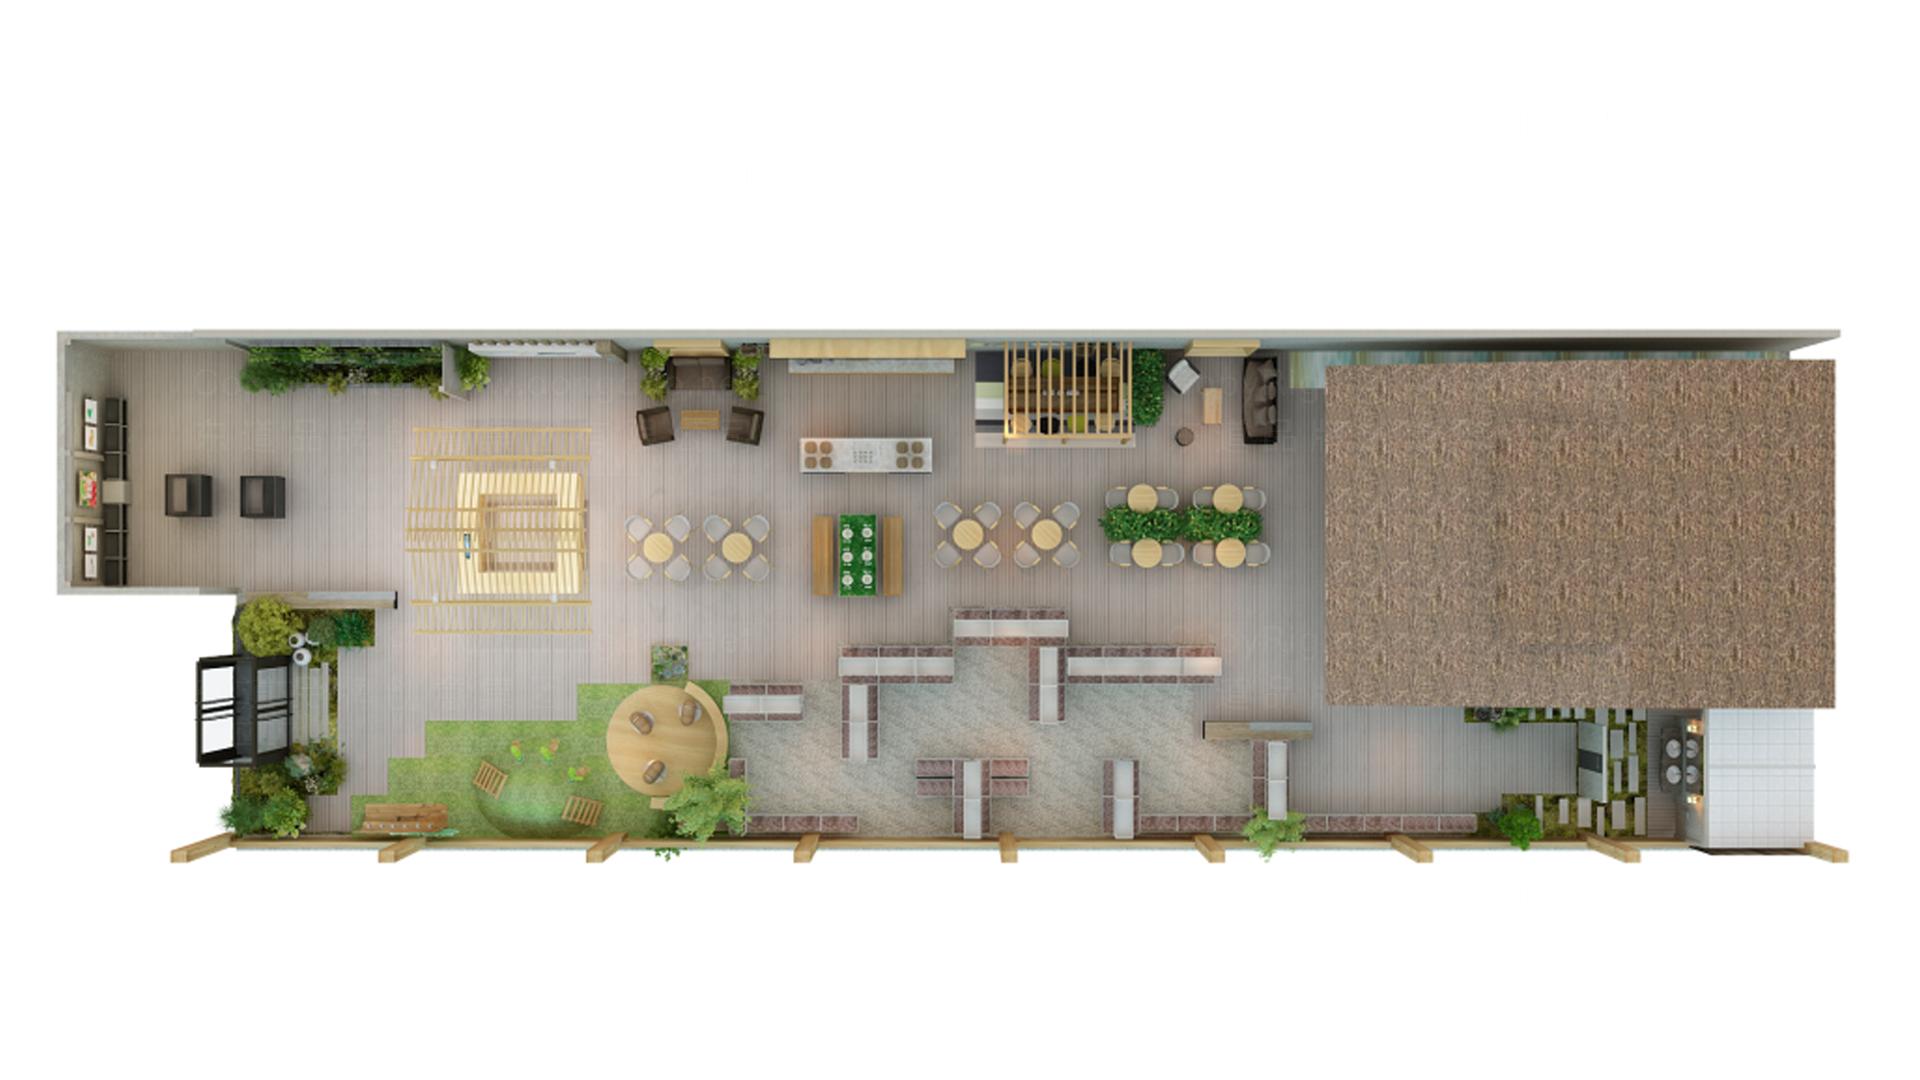 商业空间&导示奥一农场农场SI设计应用场景_2